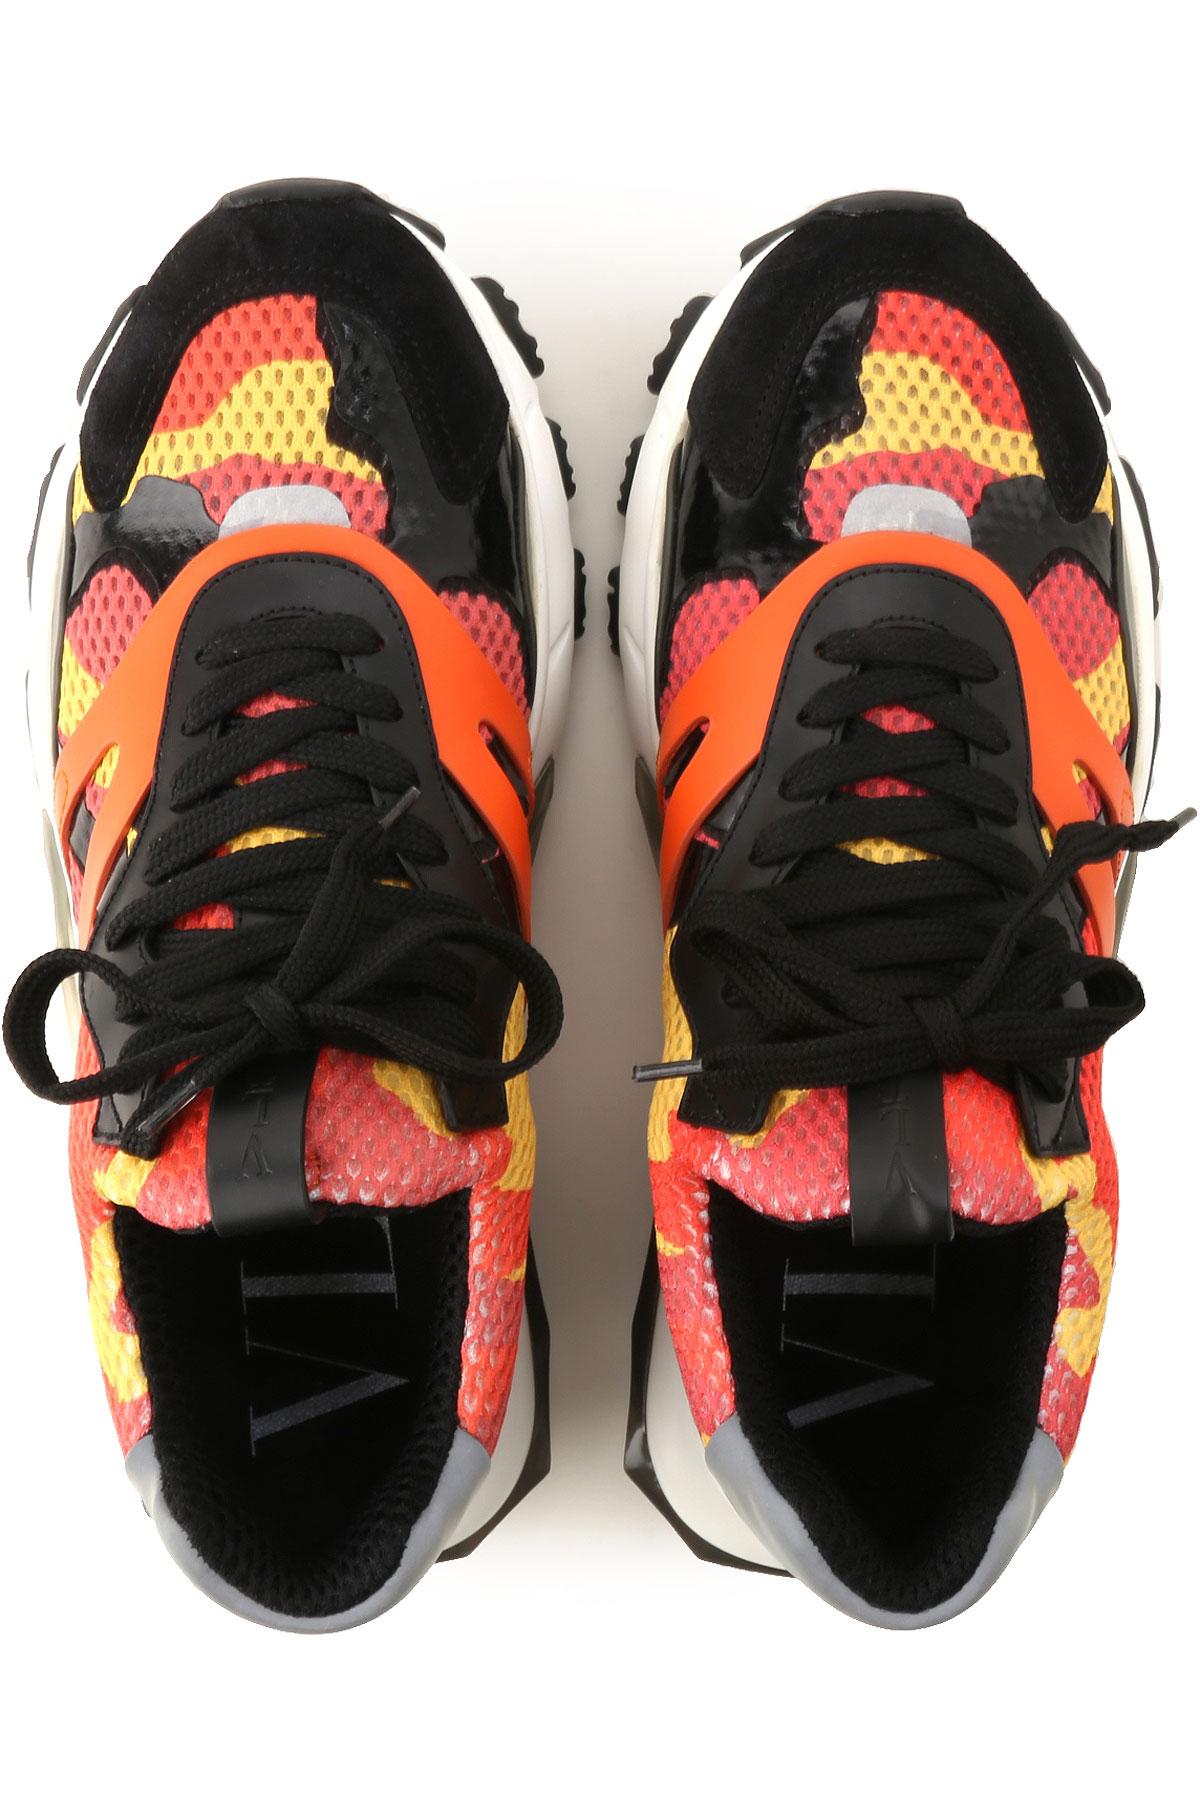 Nike Free Run 3.0 V3 Hombres Zapatos Caqui Naranja : 2018